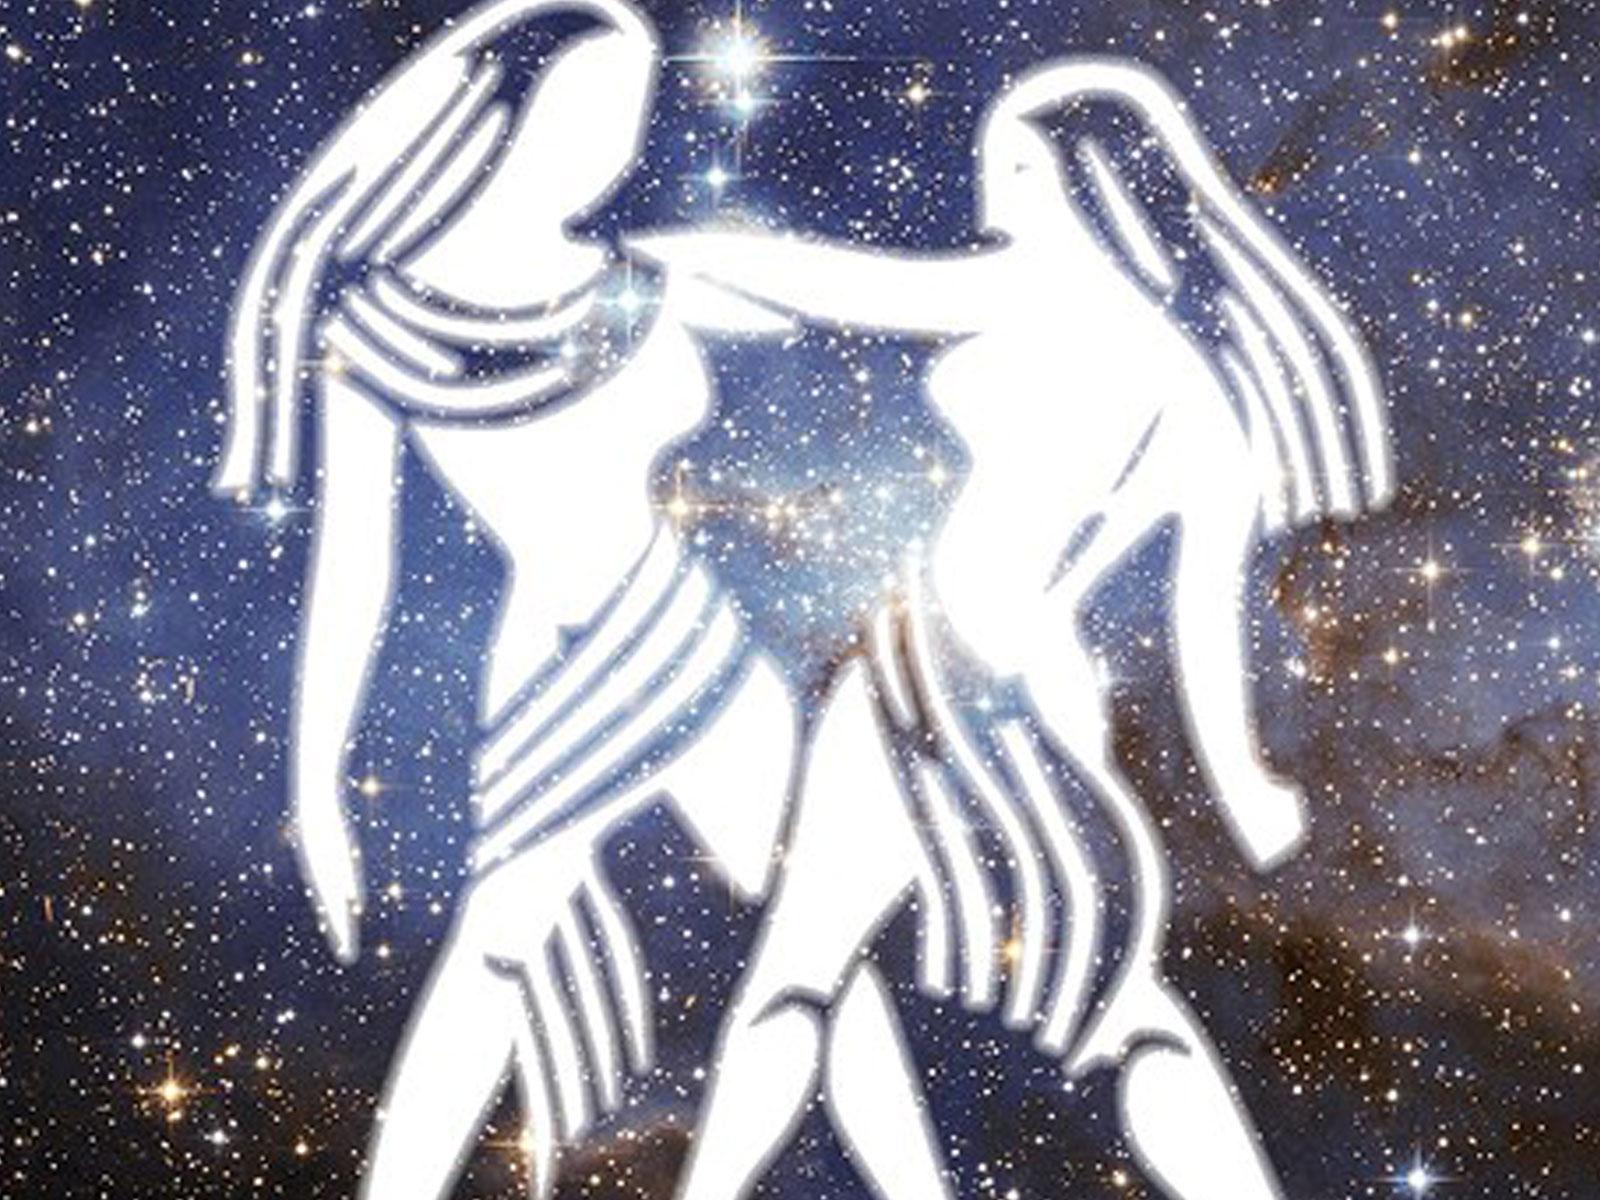 horoskop match att göra gratis online